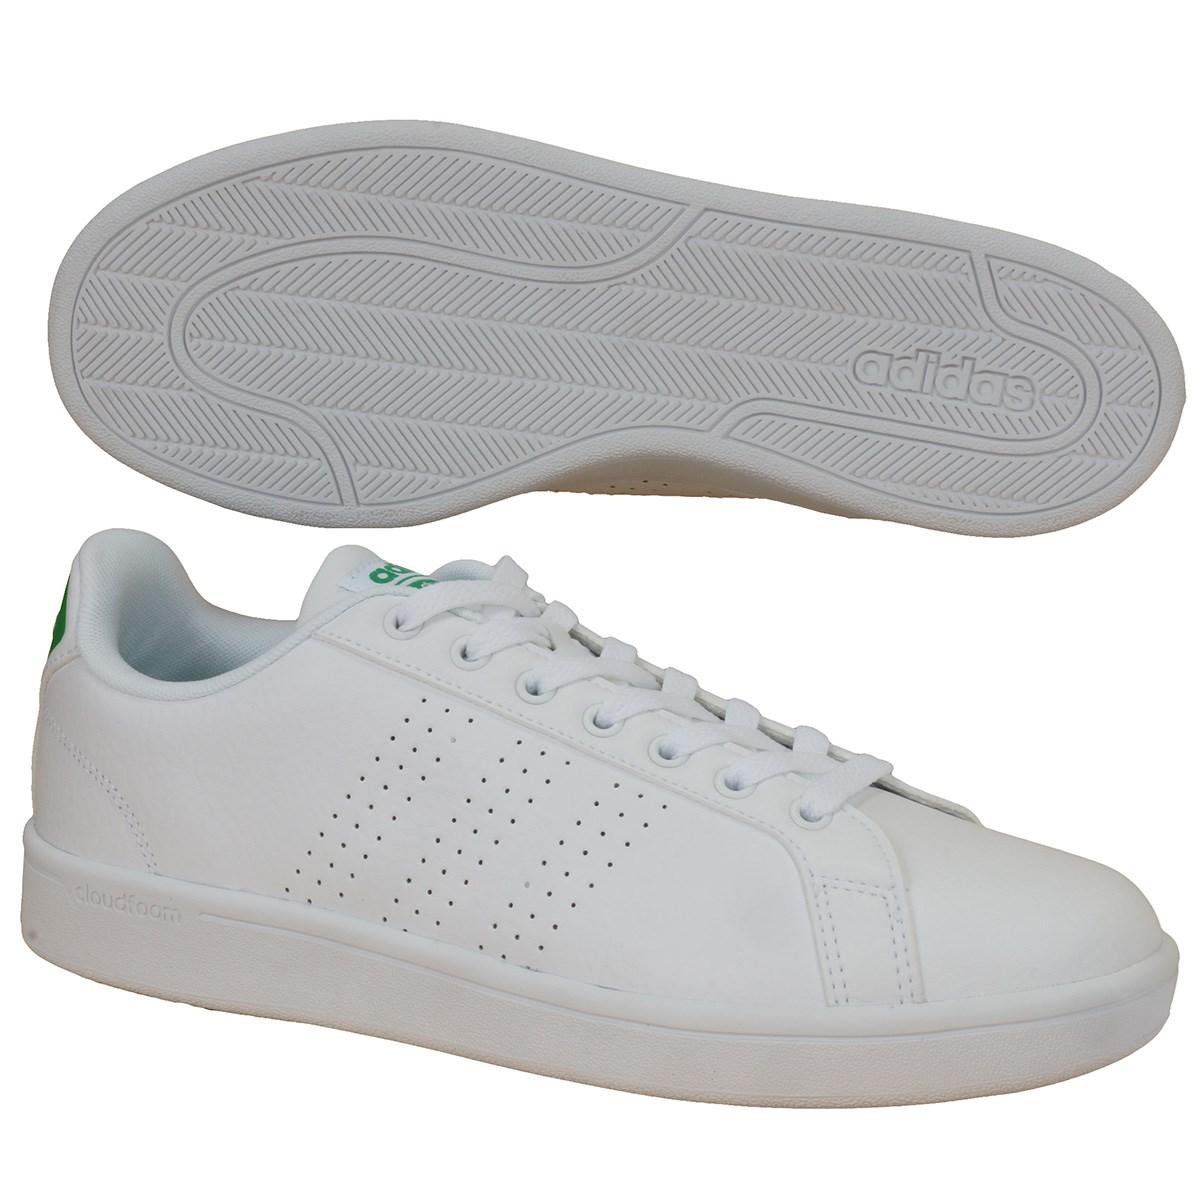 アディダス(adidas) CLOUDFOAM VALCLEAN シューズ